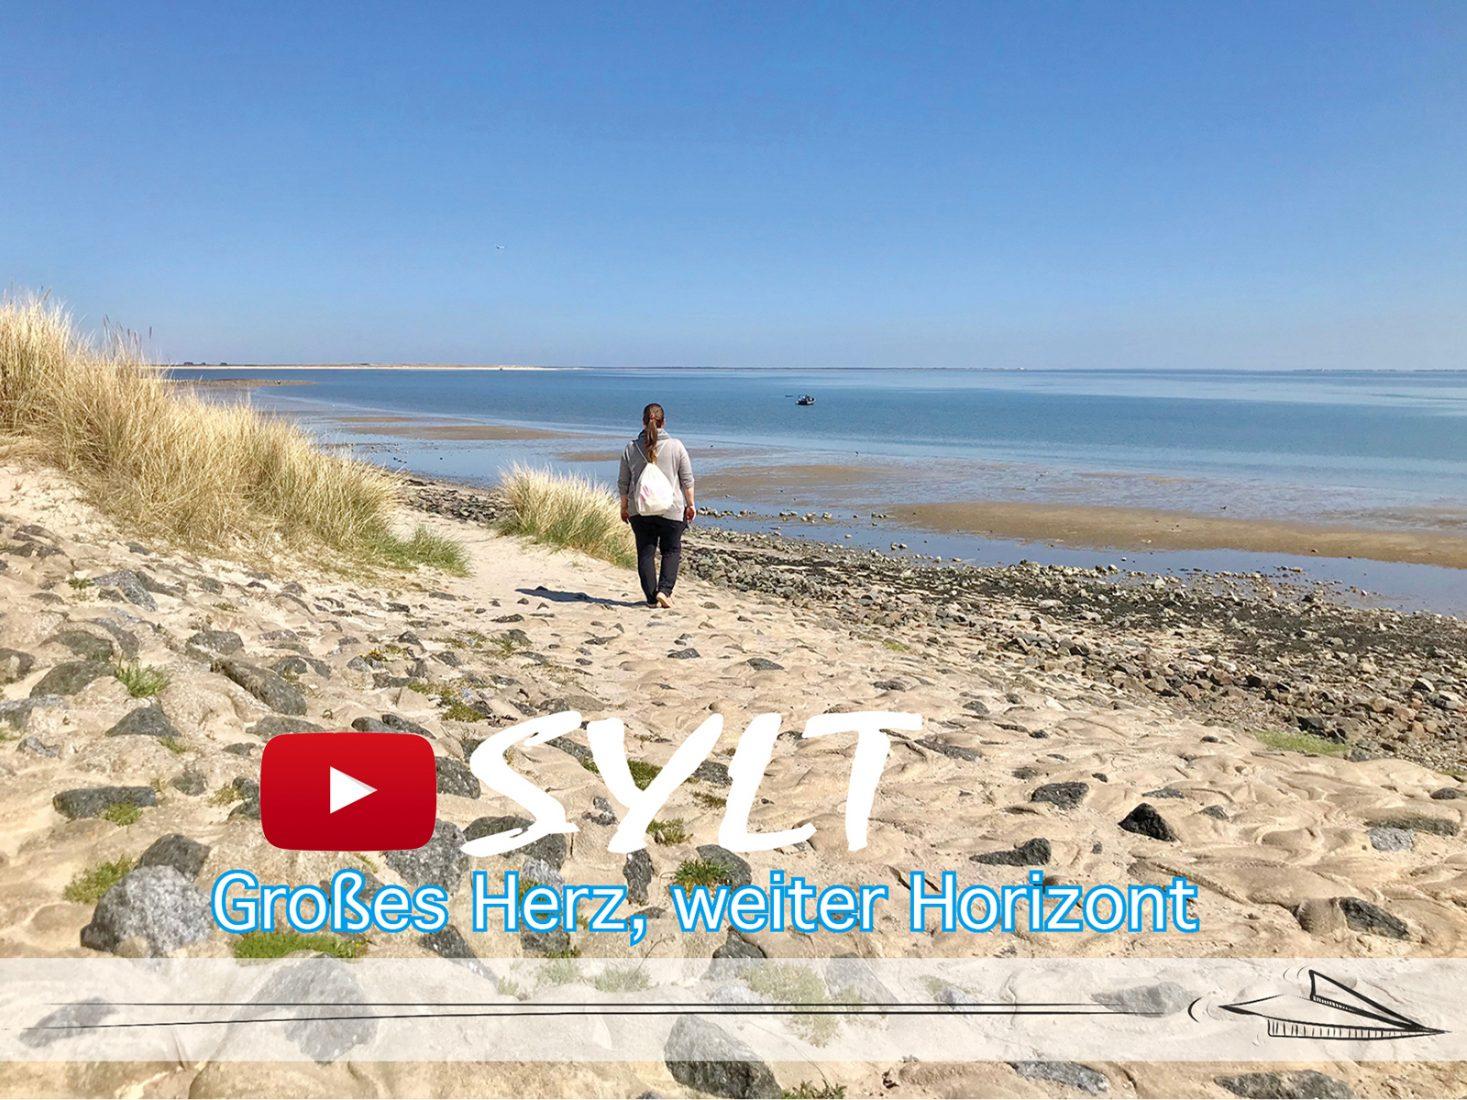 Reise-Video: Großes Herz, weiter Horizont auf der Nordseeinsel Sylt